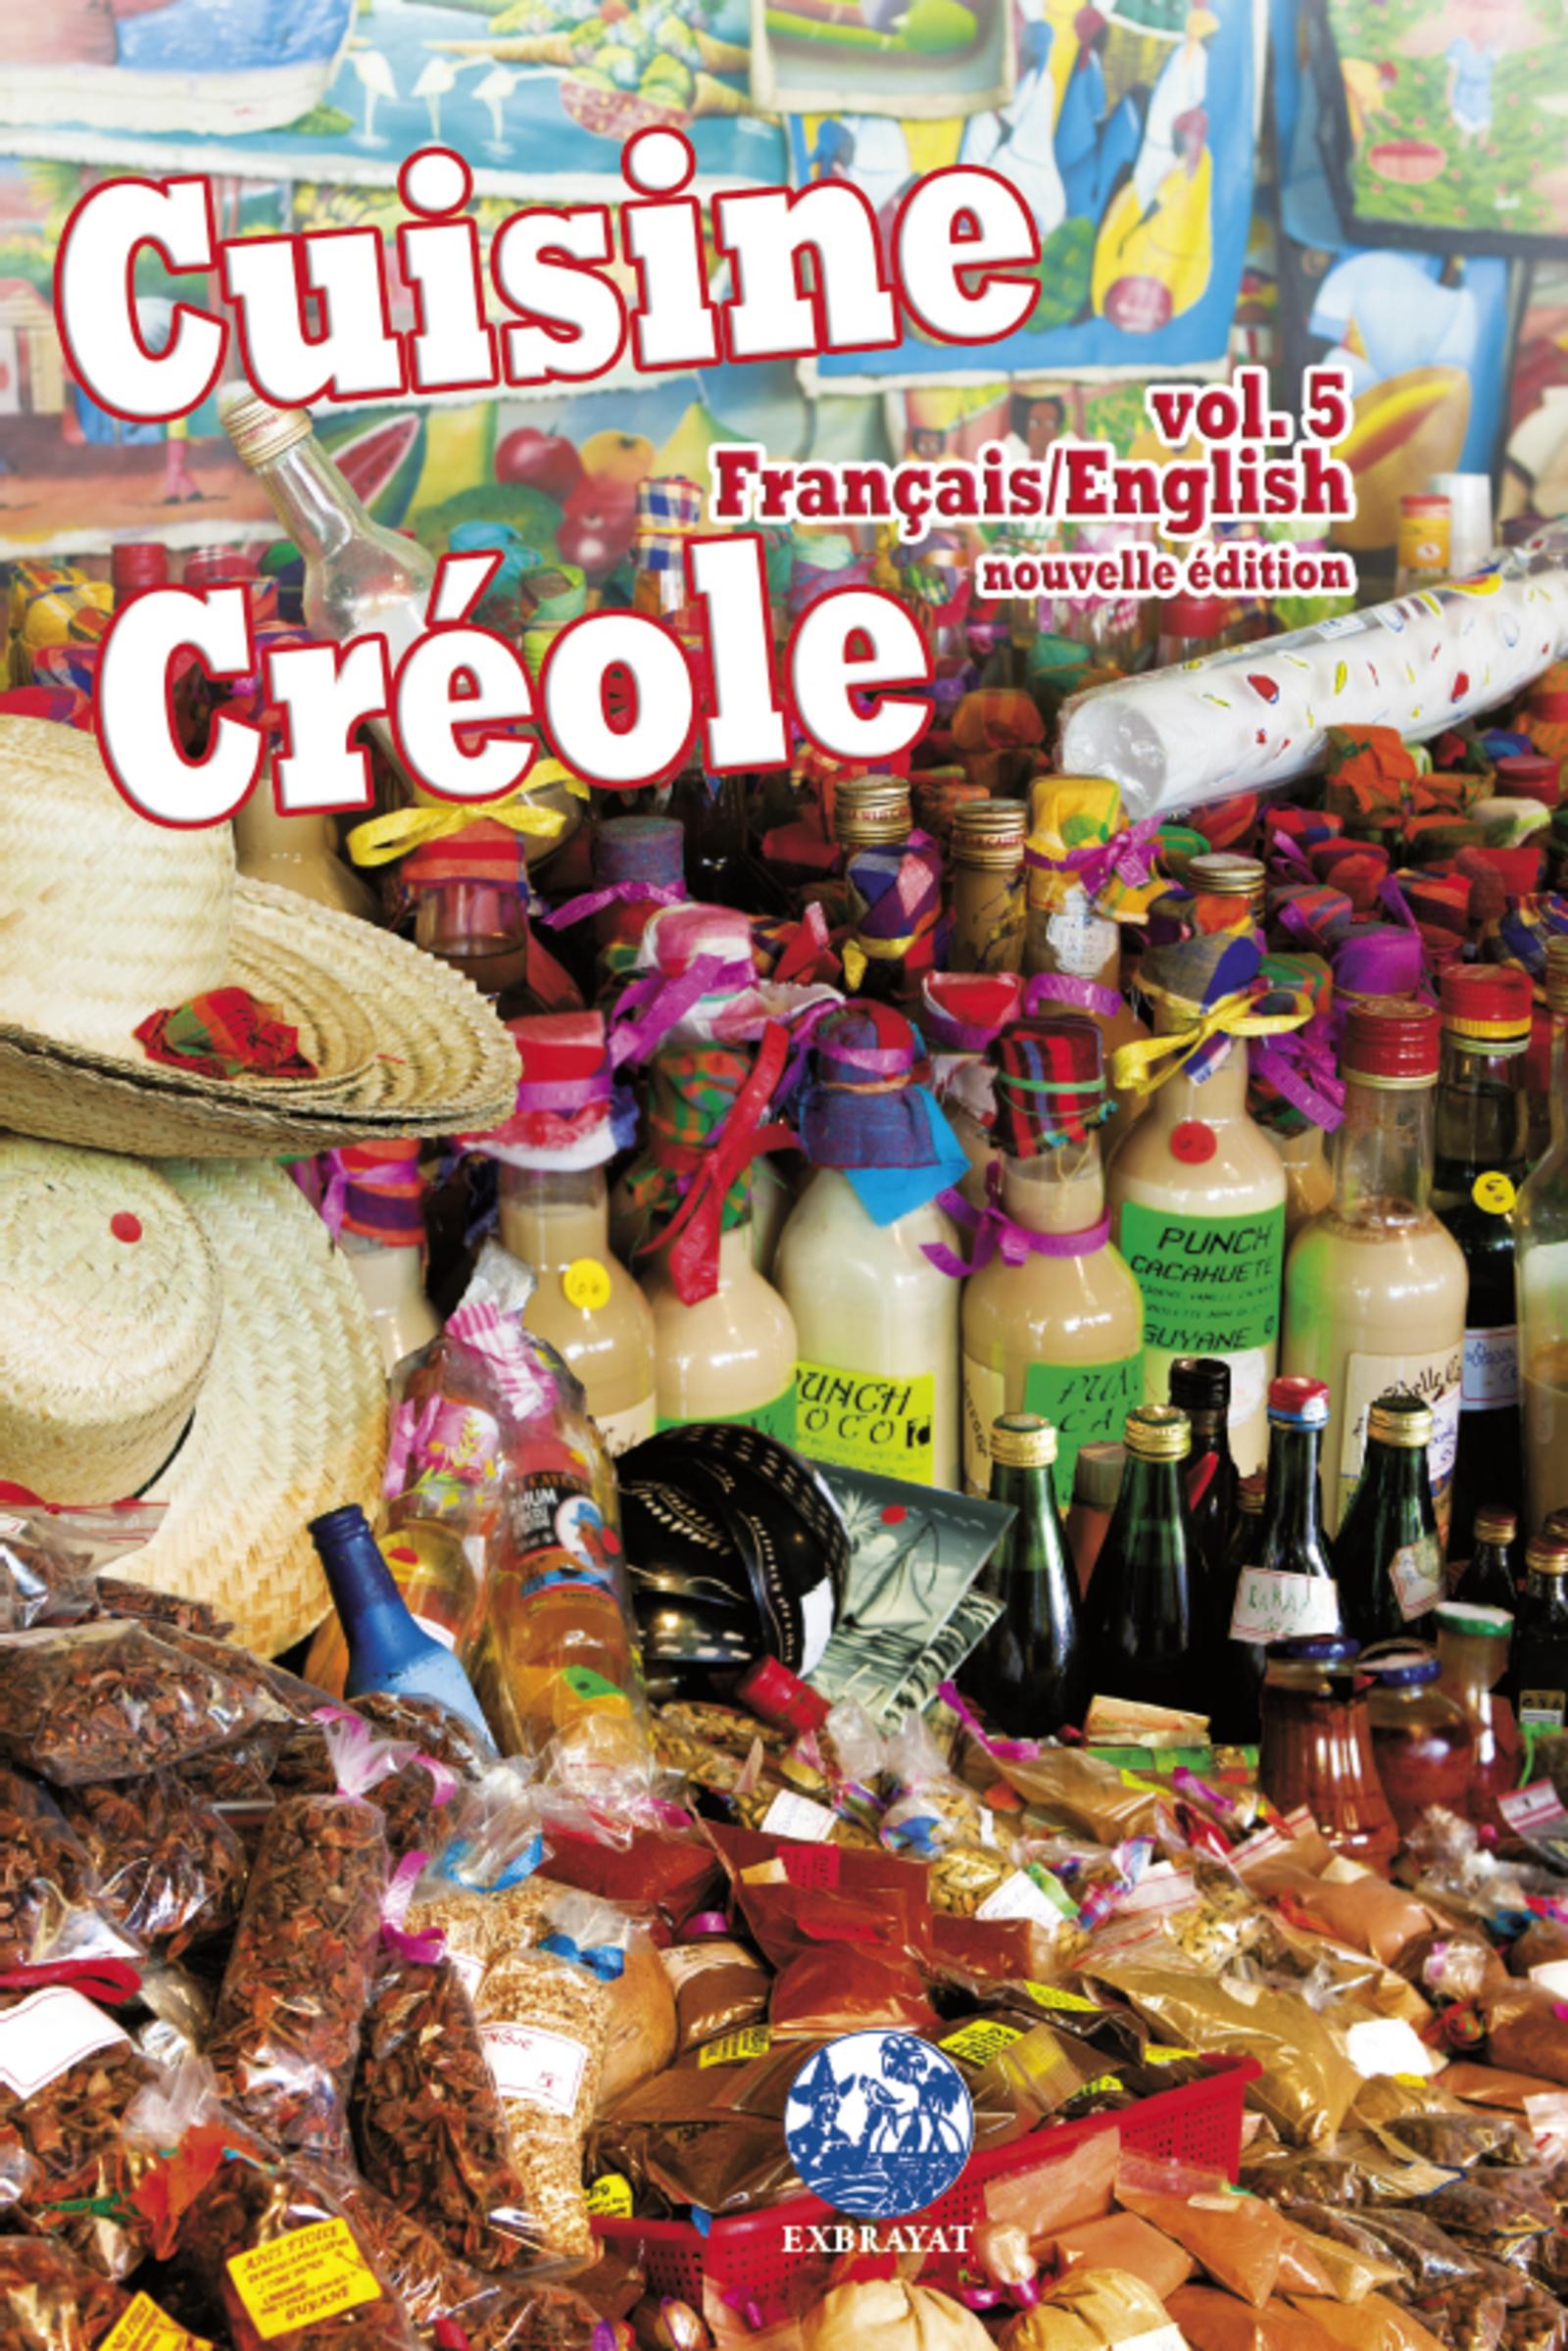 cuisine crÉole vol. 5 - andré exbrayat. photos: cyril et andré